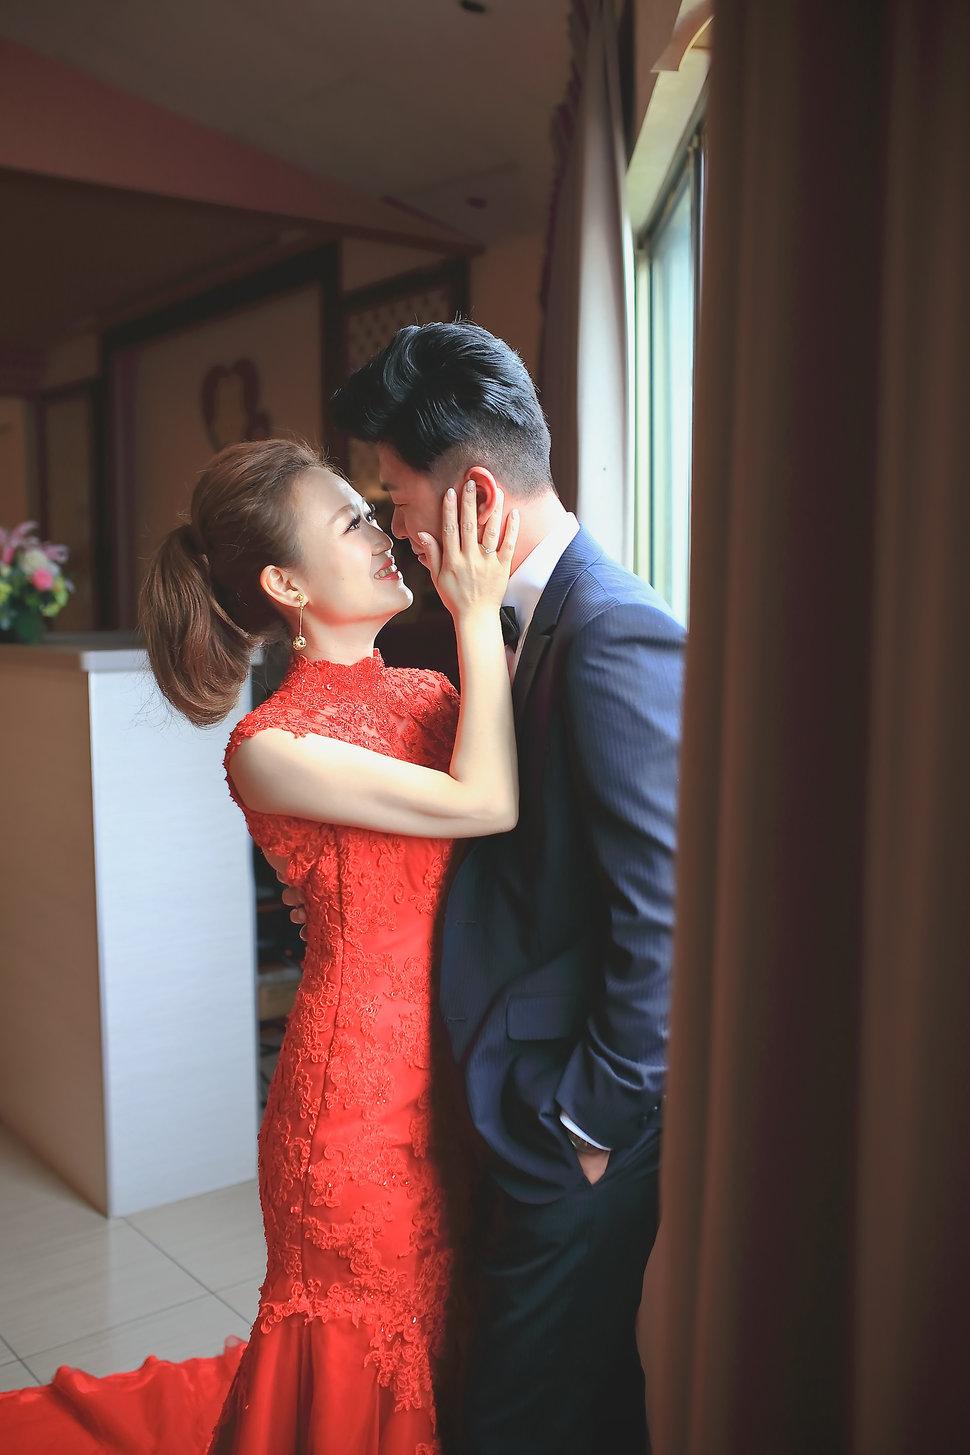 IMG_0206 - H&Y STUDIO 創意影像/阿儒《結婚吧》